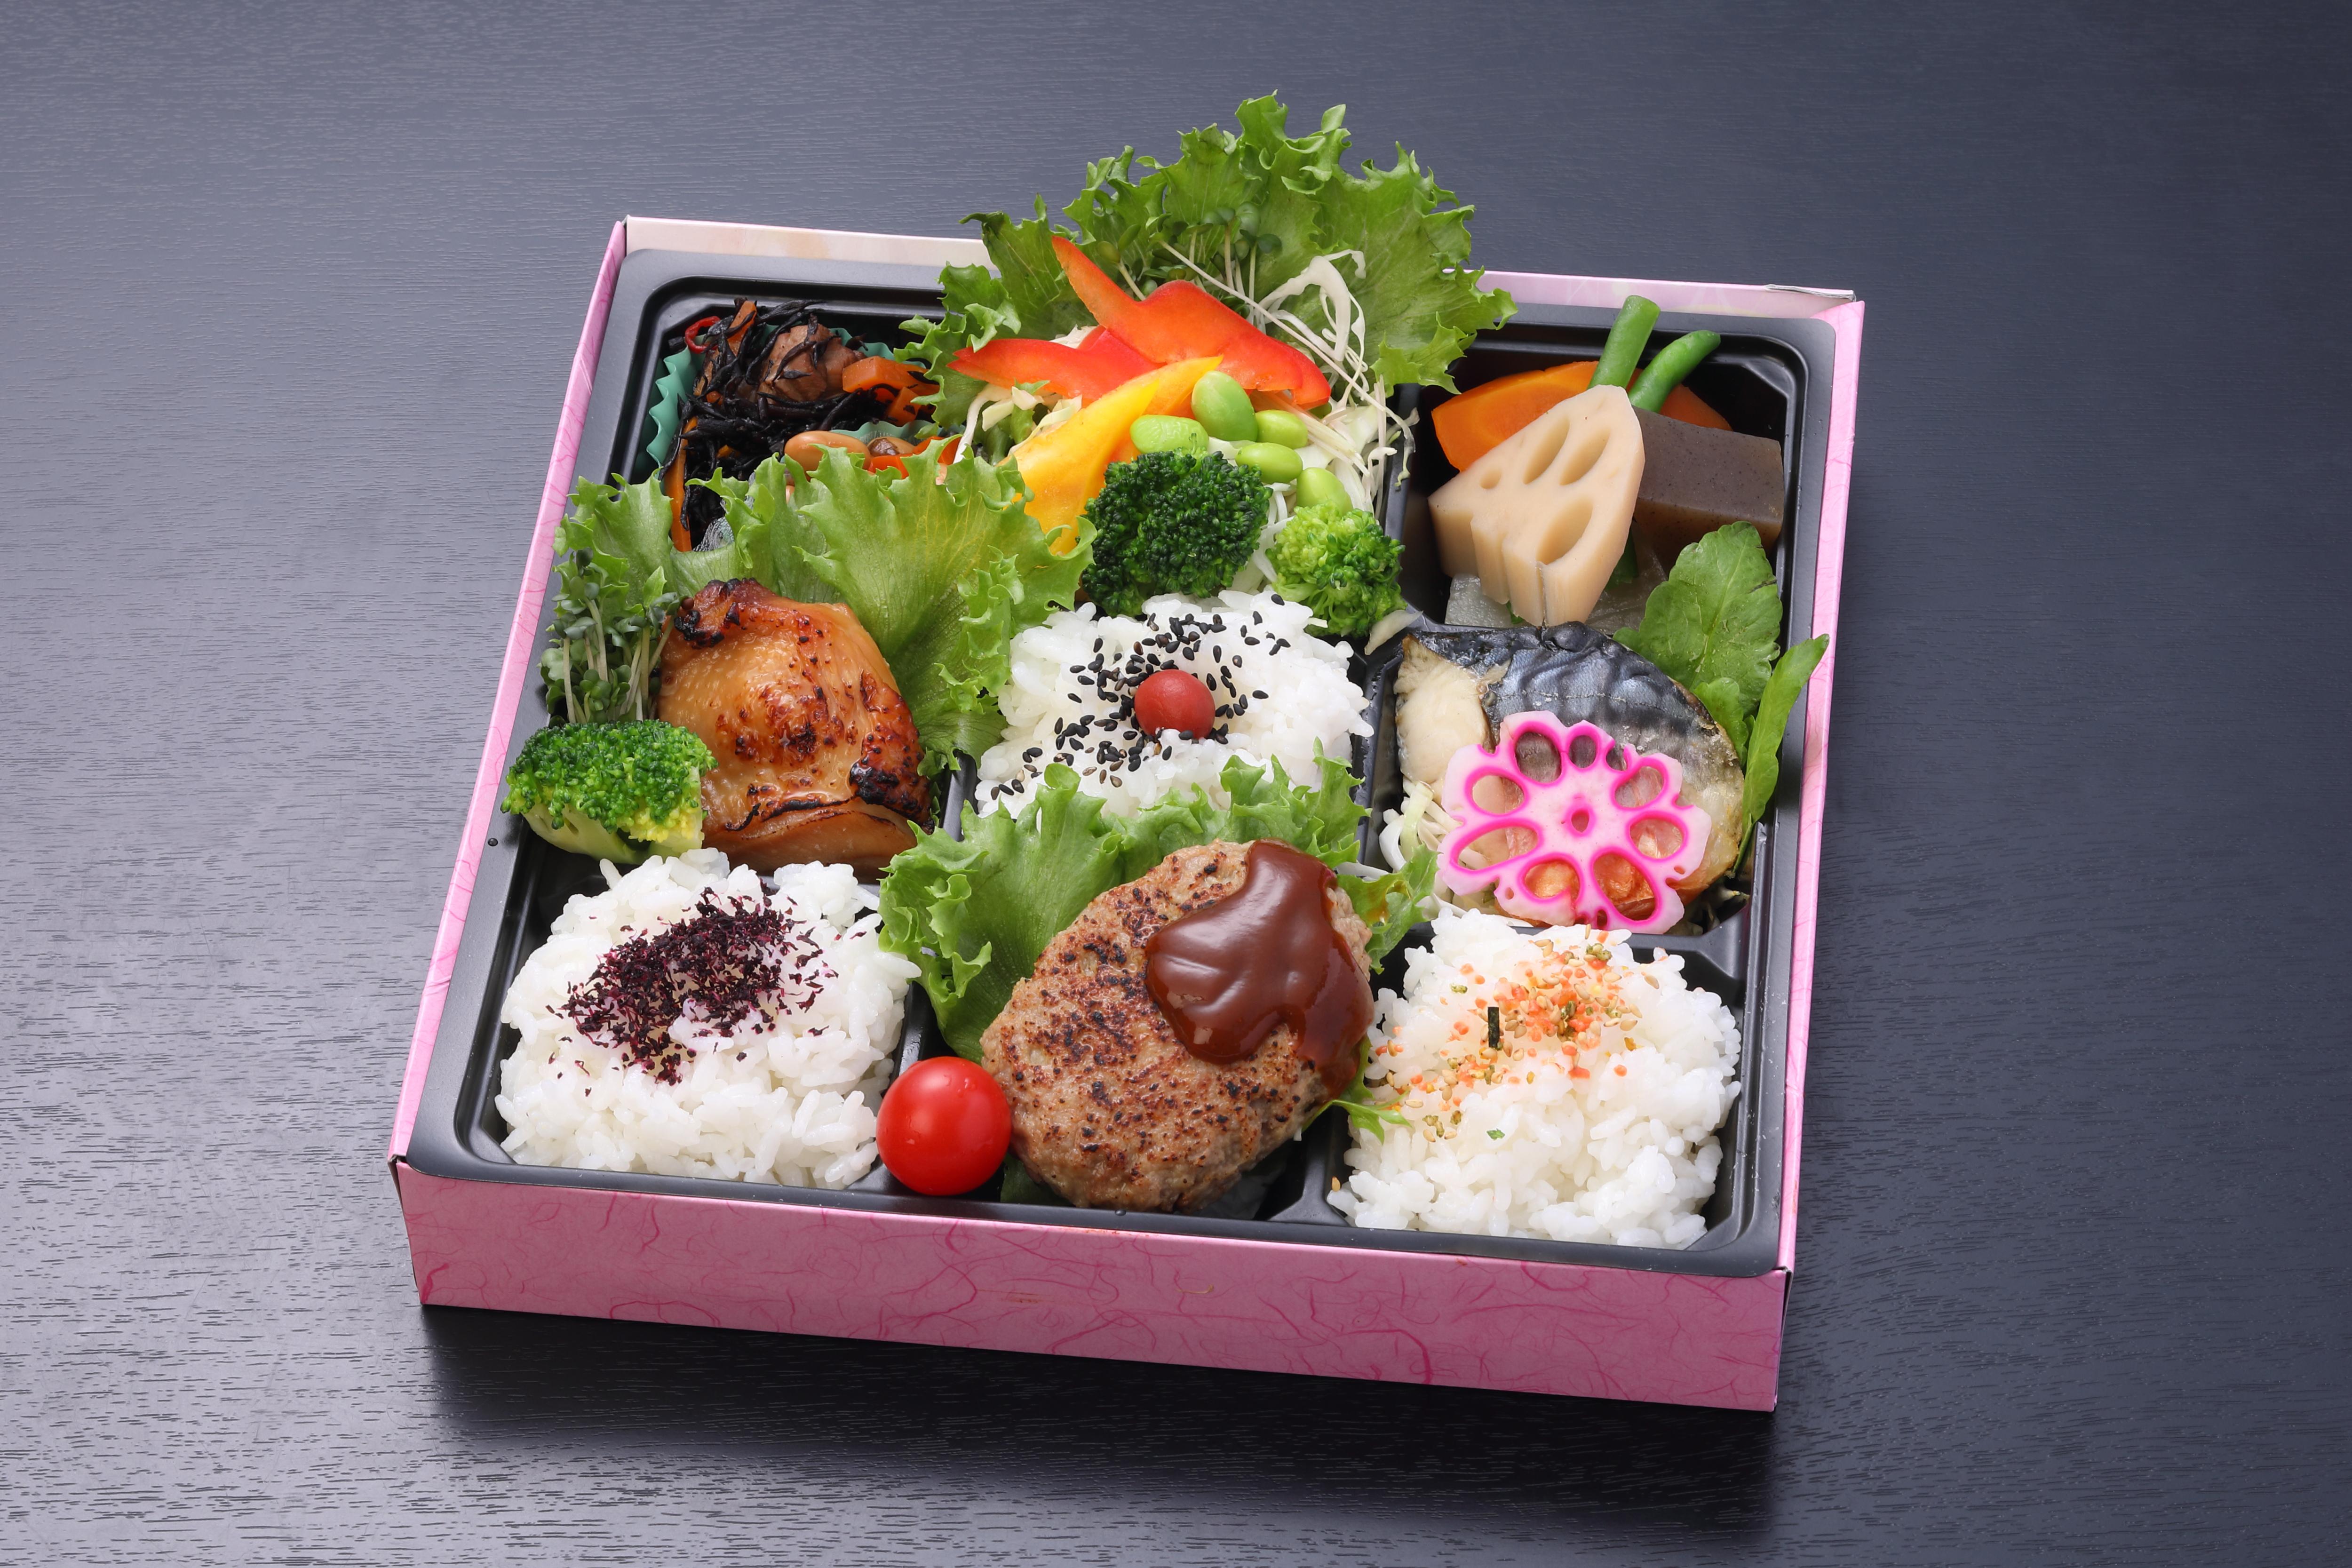 New和洋食グリル 茜(あかね)弁当(肉&魚)【A135】(ペットボトルお茶500㎖.1本付き)